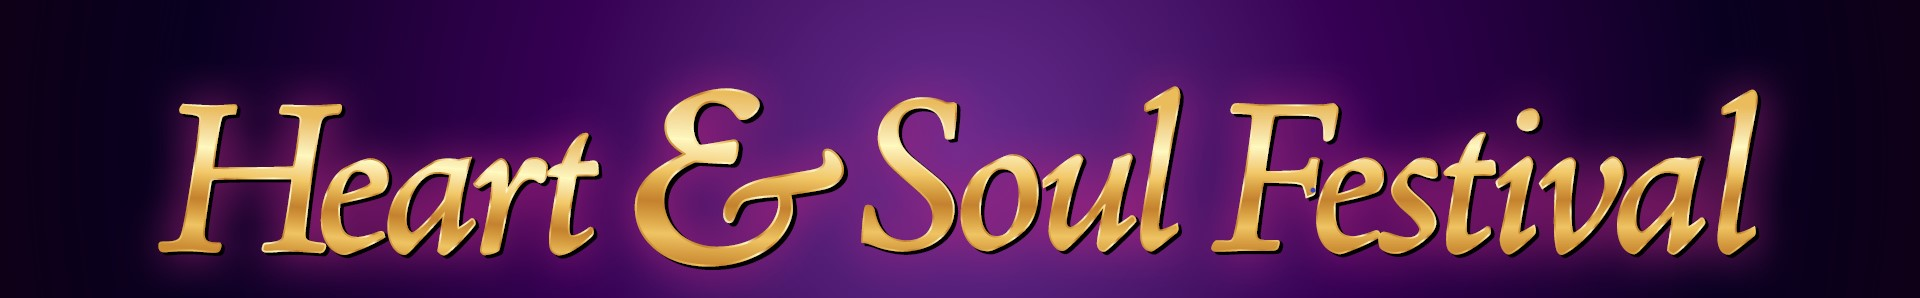 Banner for the Heart & Soul Festival